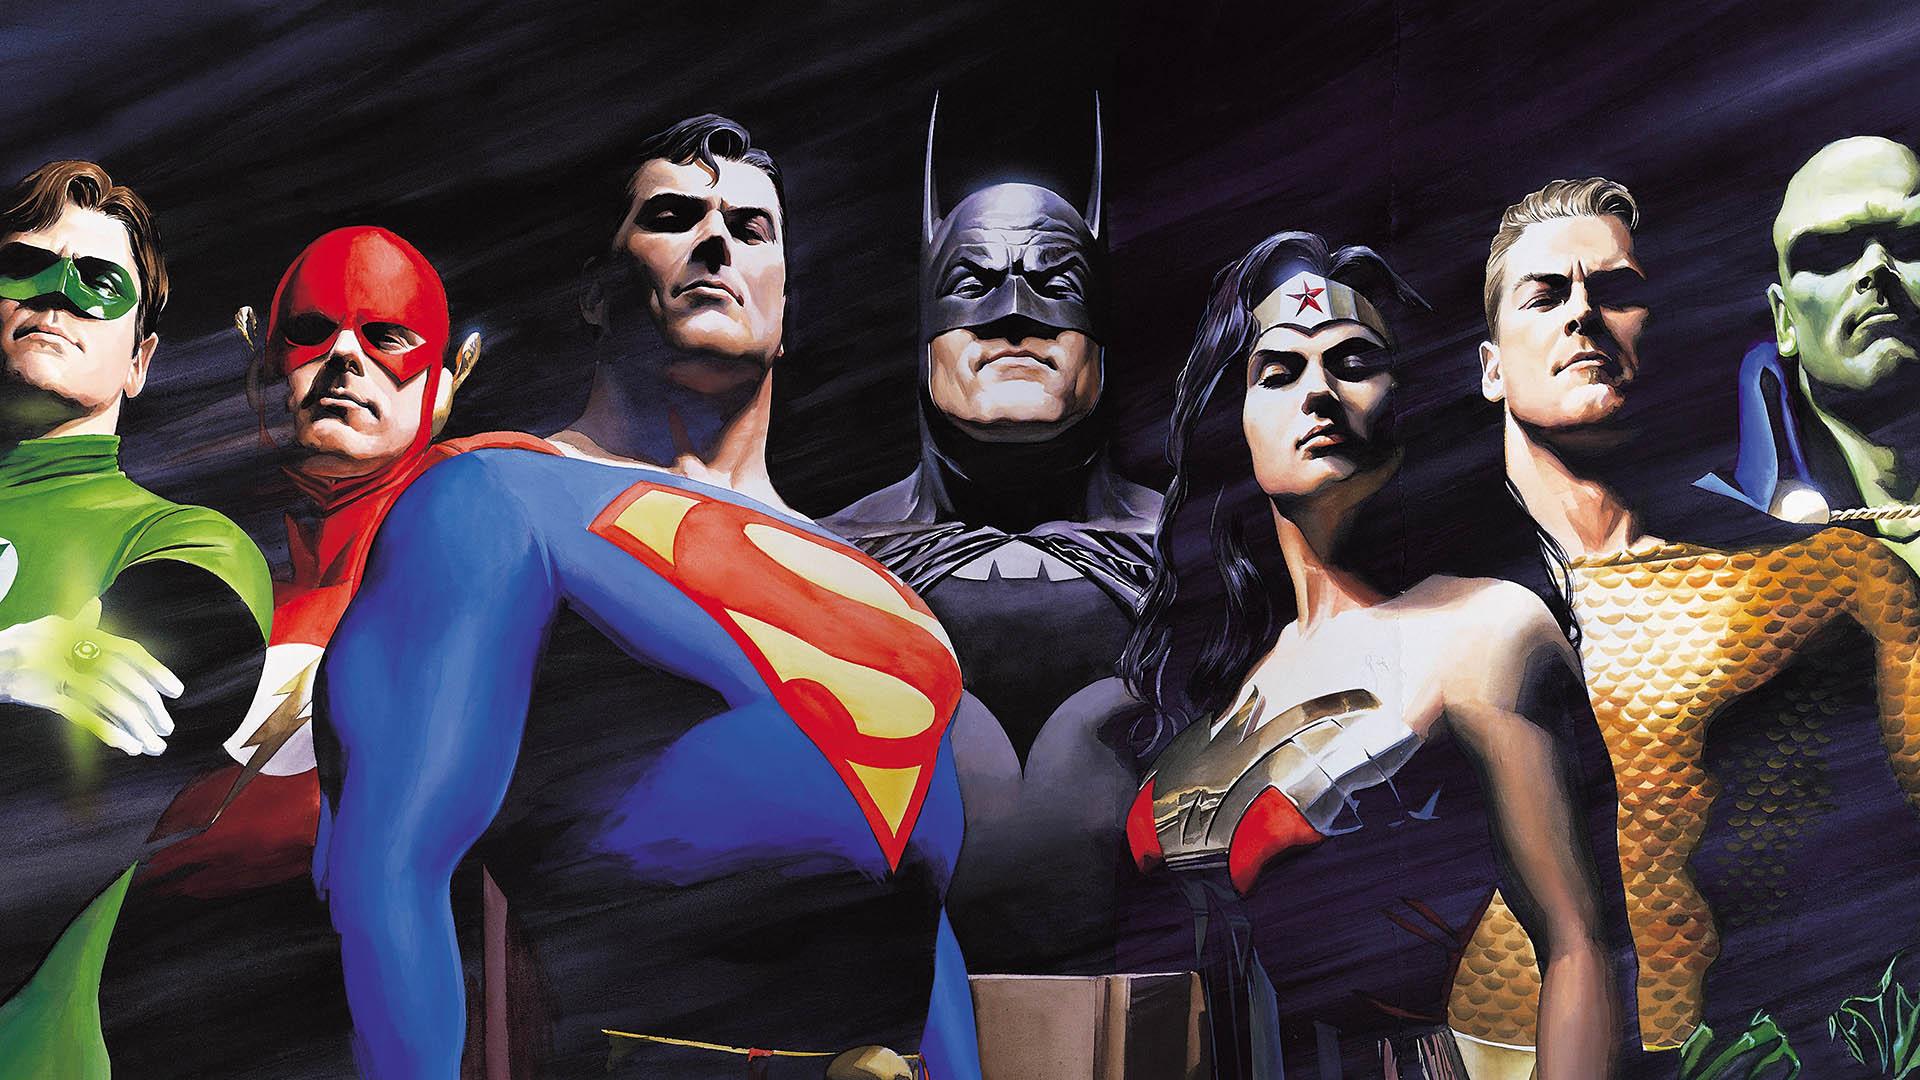 Qual é o seu super grupo favorito? Dos Argonautas aos Power Rangers